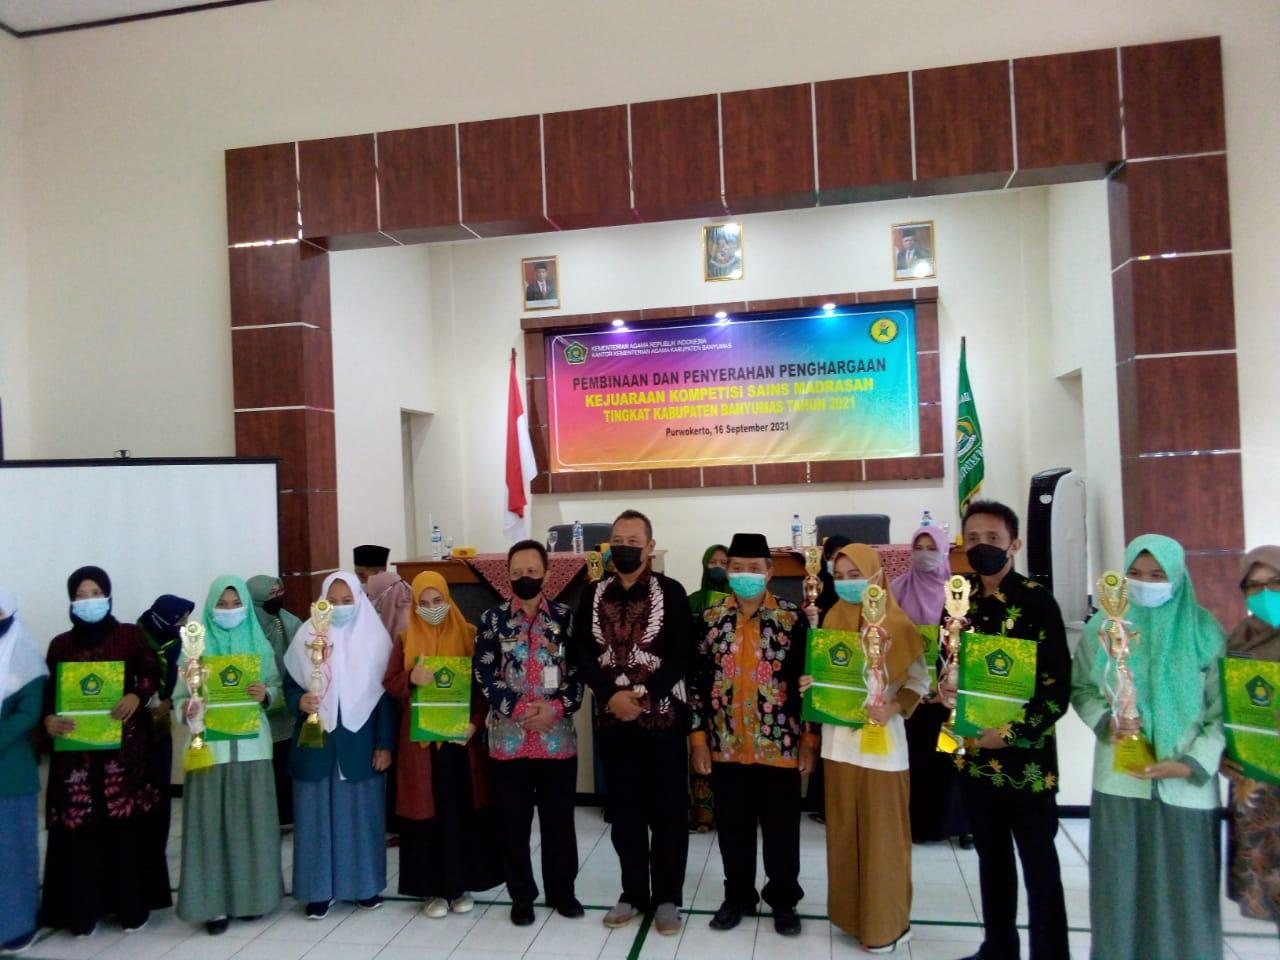 Penyerahan Hadiah Juara KSM Tingkat Kabupaten Banyumas oleh Kantor Kementerian Agama Kabupaten Banyumas